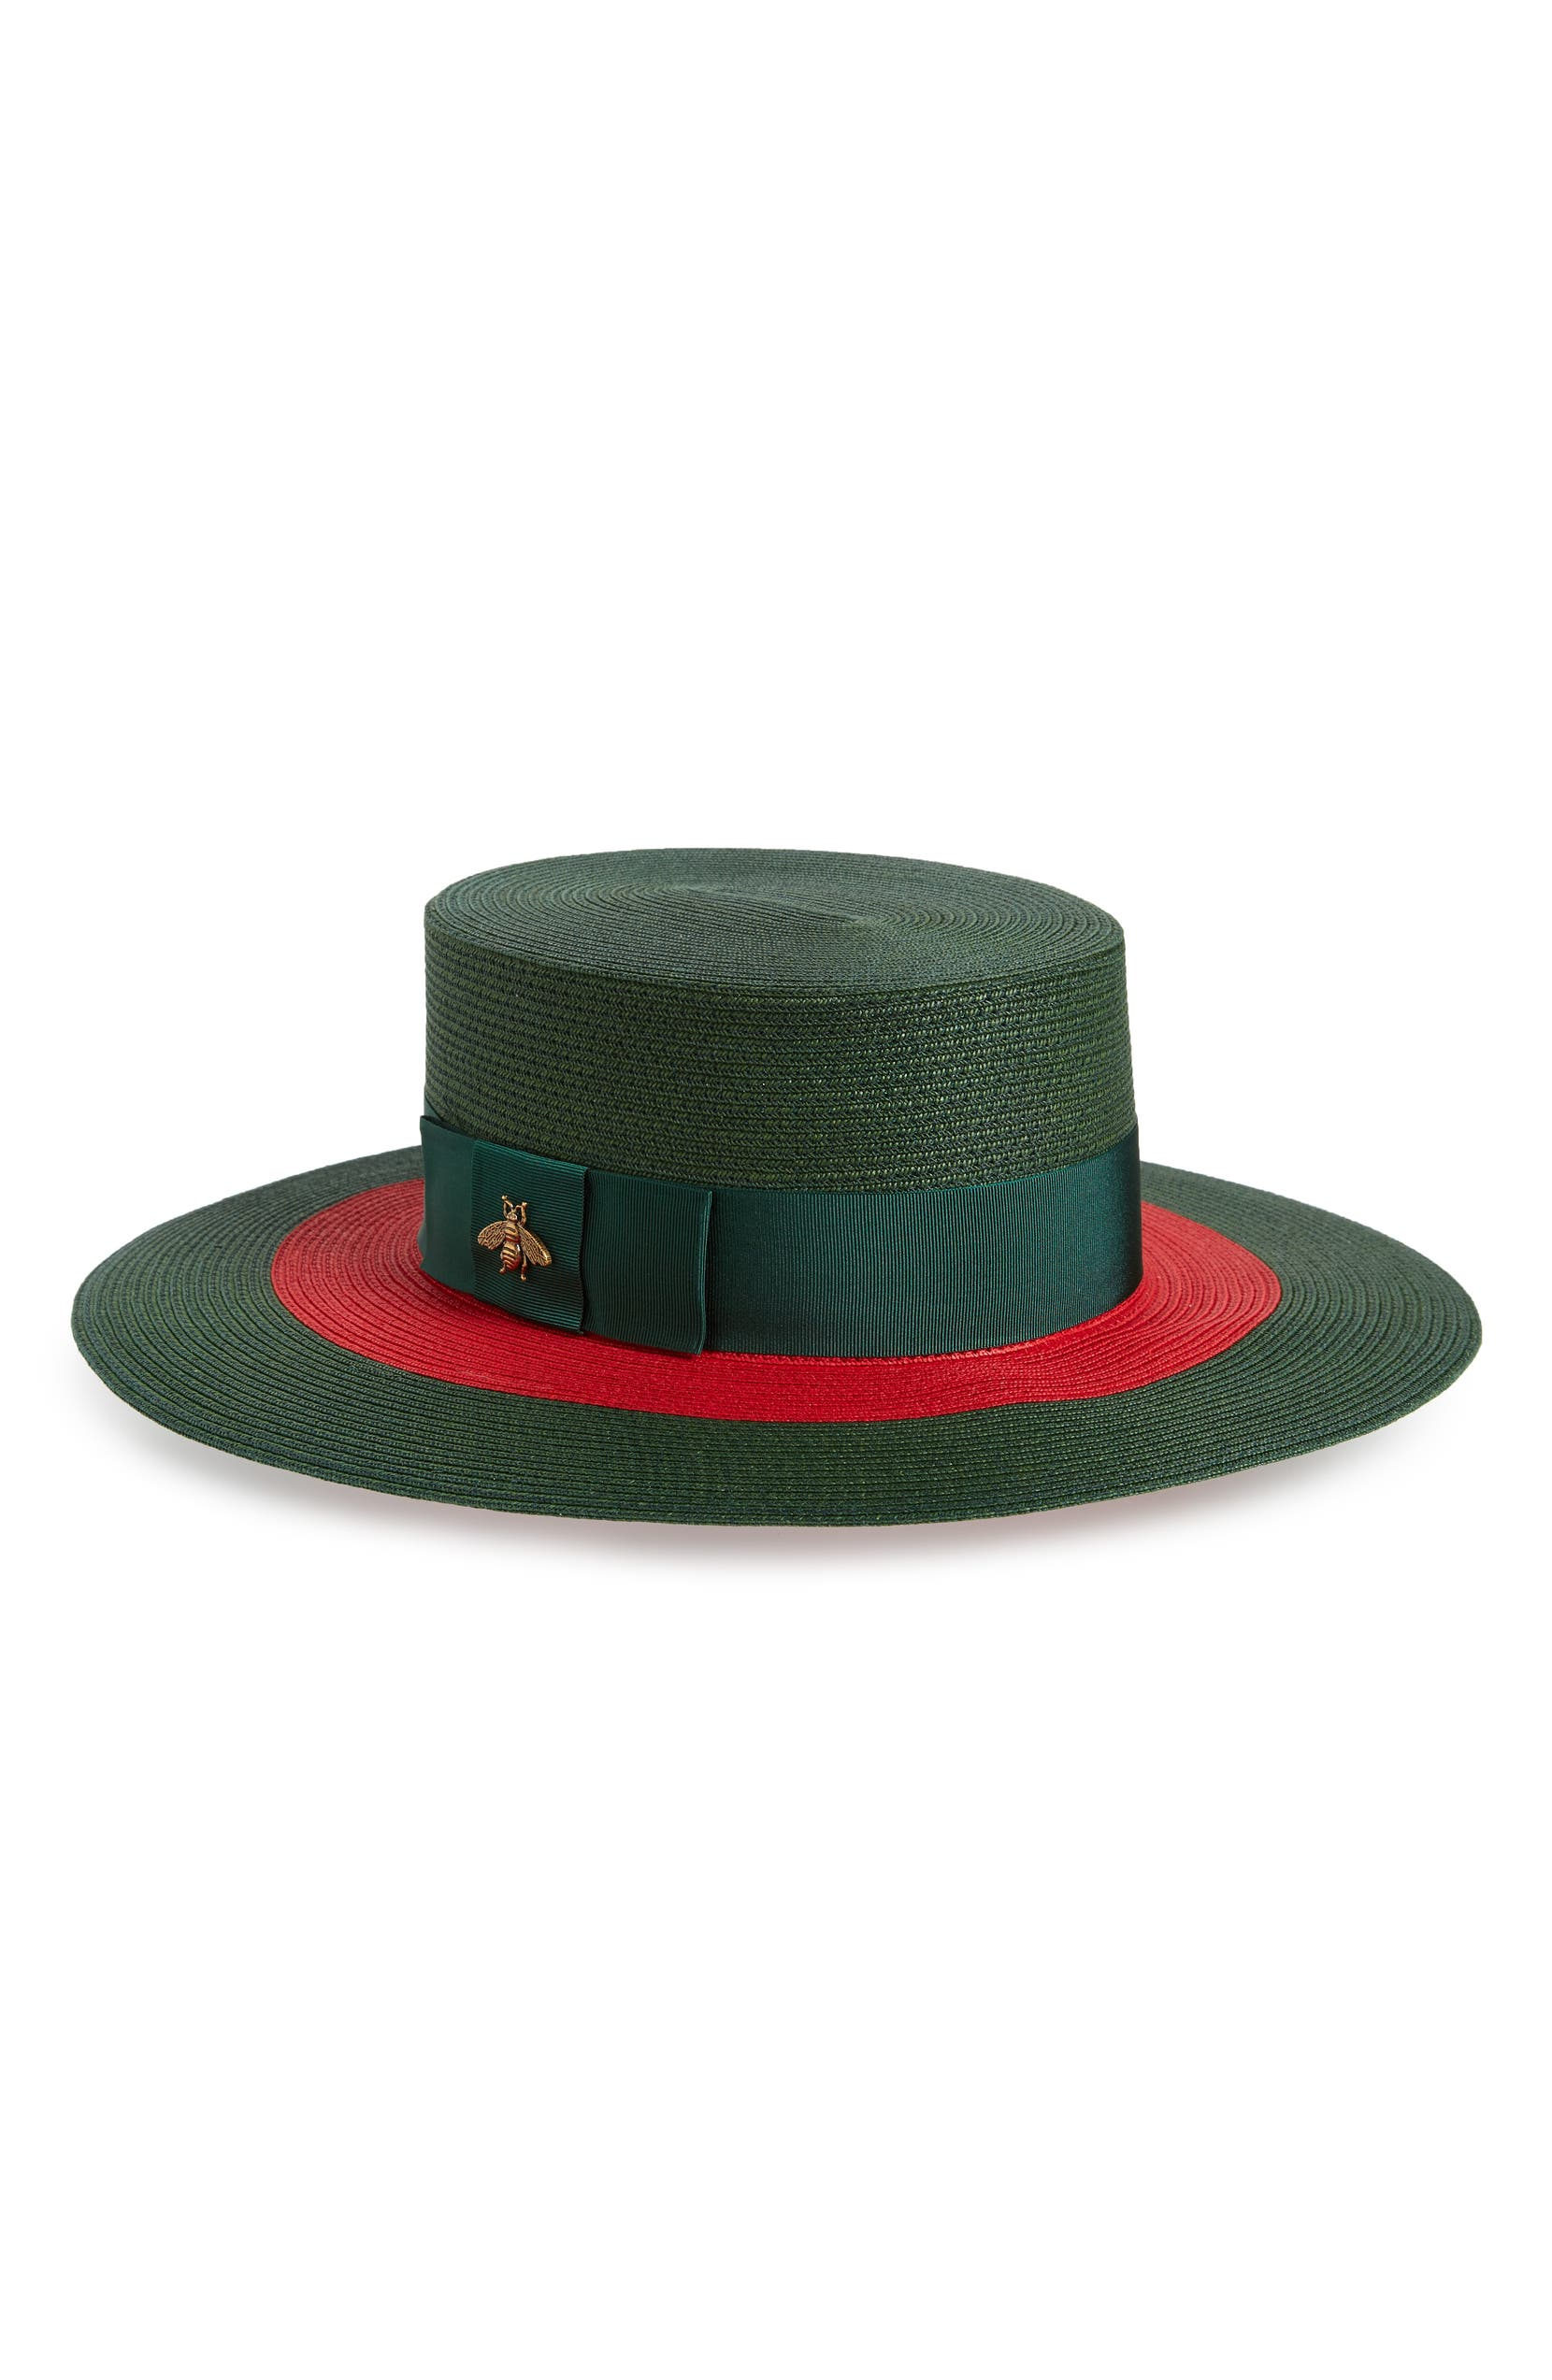 Gucci Alba Woven Straw Hat  caf1255edf7